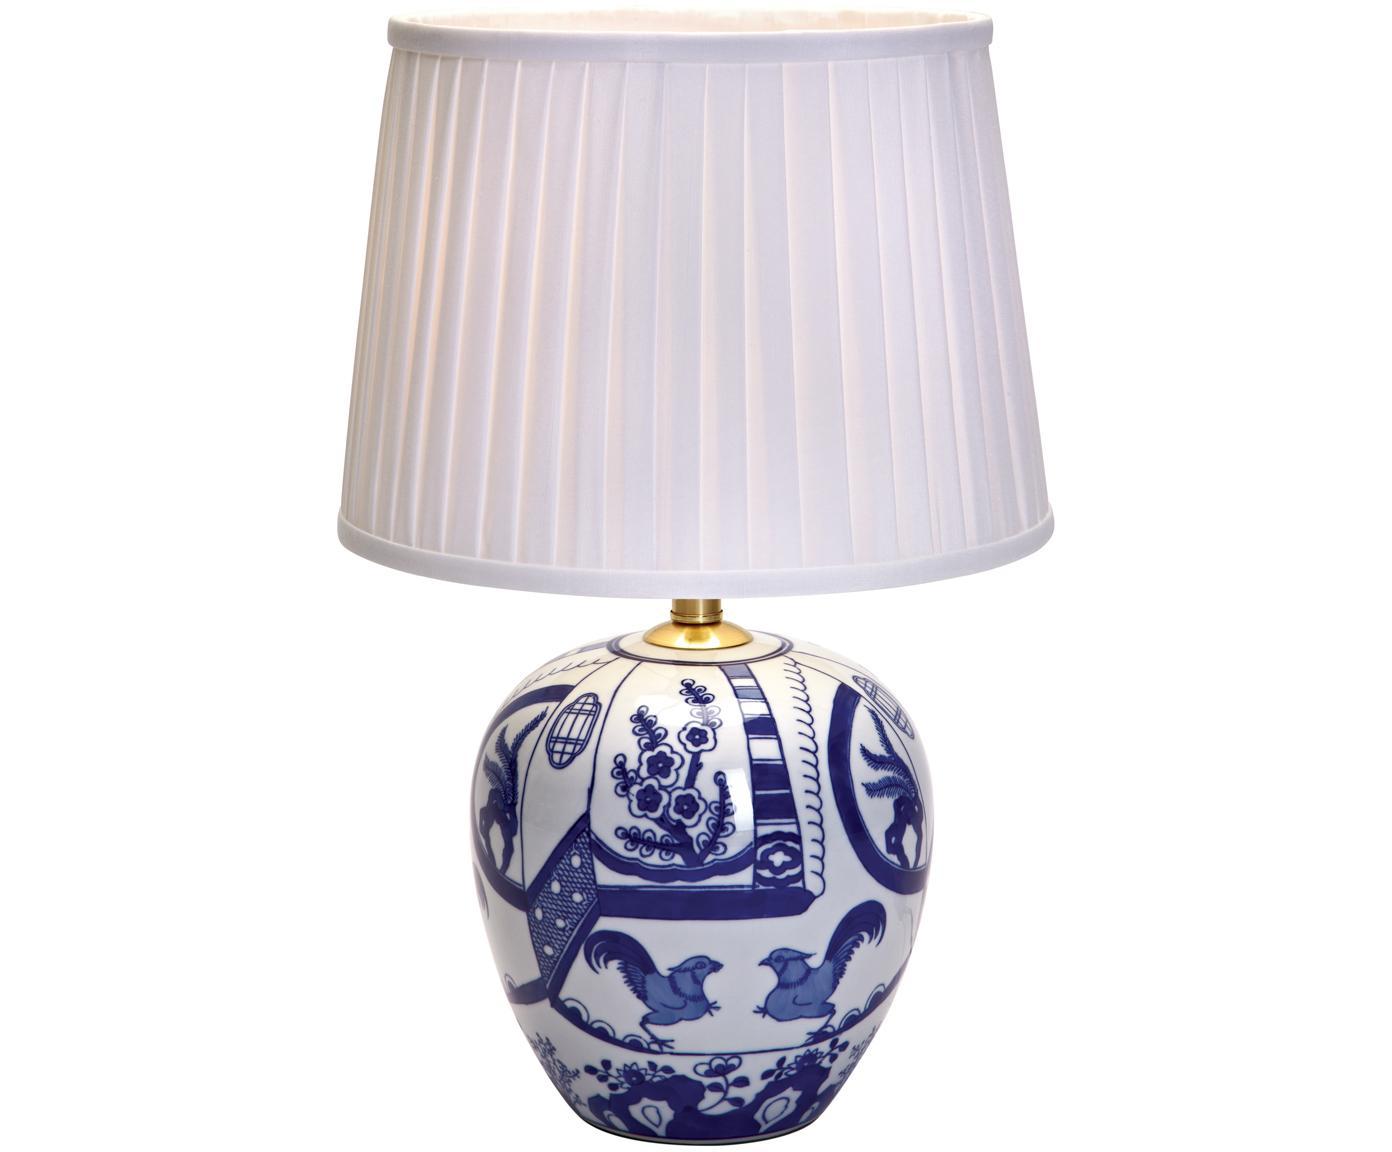 Keramik-Tischleuchte Göteborg, Lampenfuß: Keramik, Lampenschirm: Polyester, Lampenfuß: Blau, Weiß Lampenschirm: Weiß, Ø 31 x H 48 cm